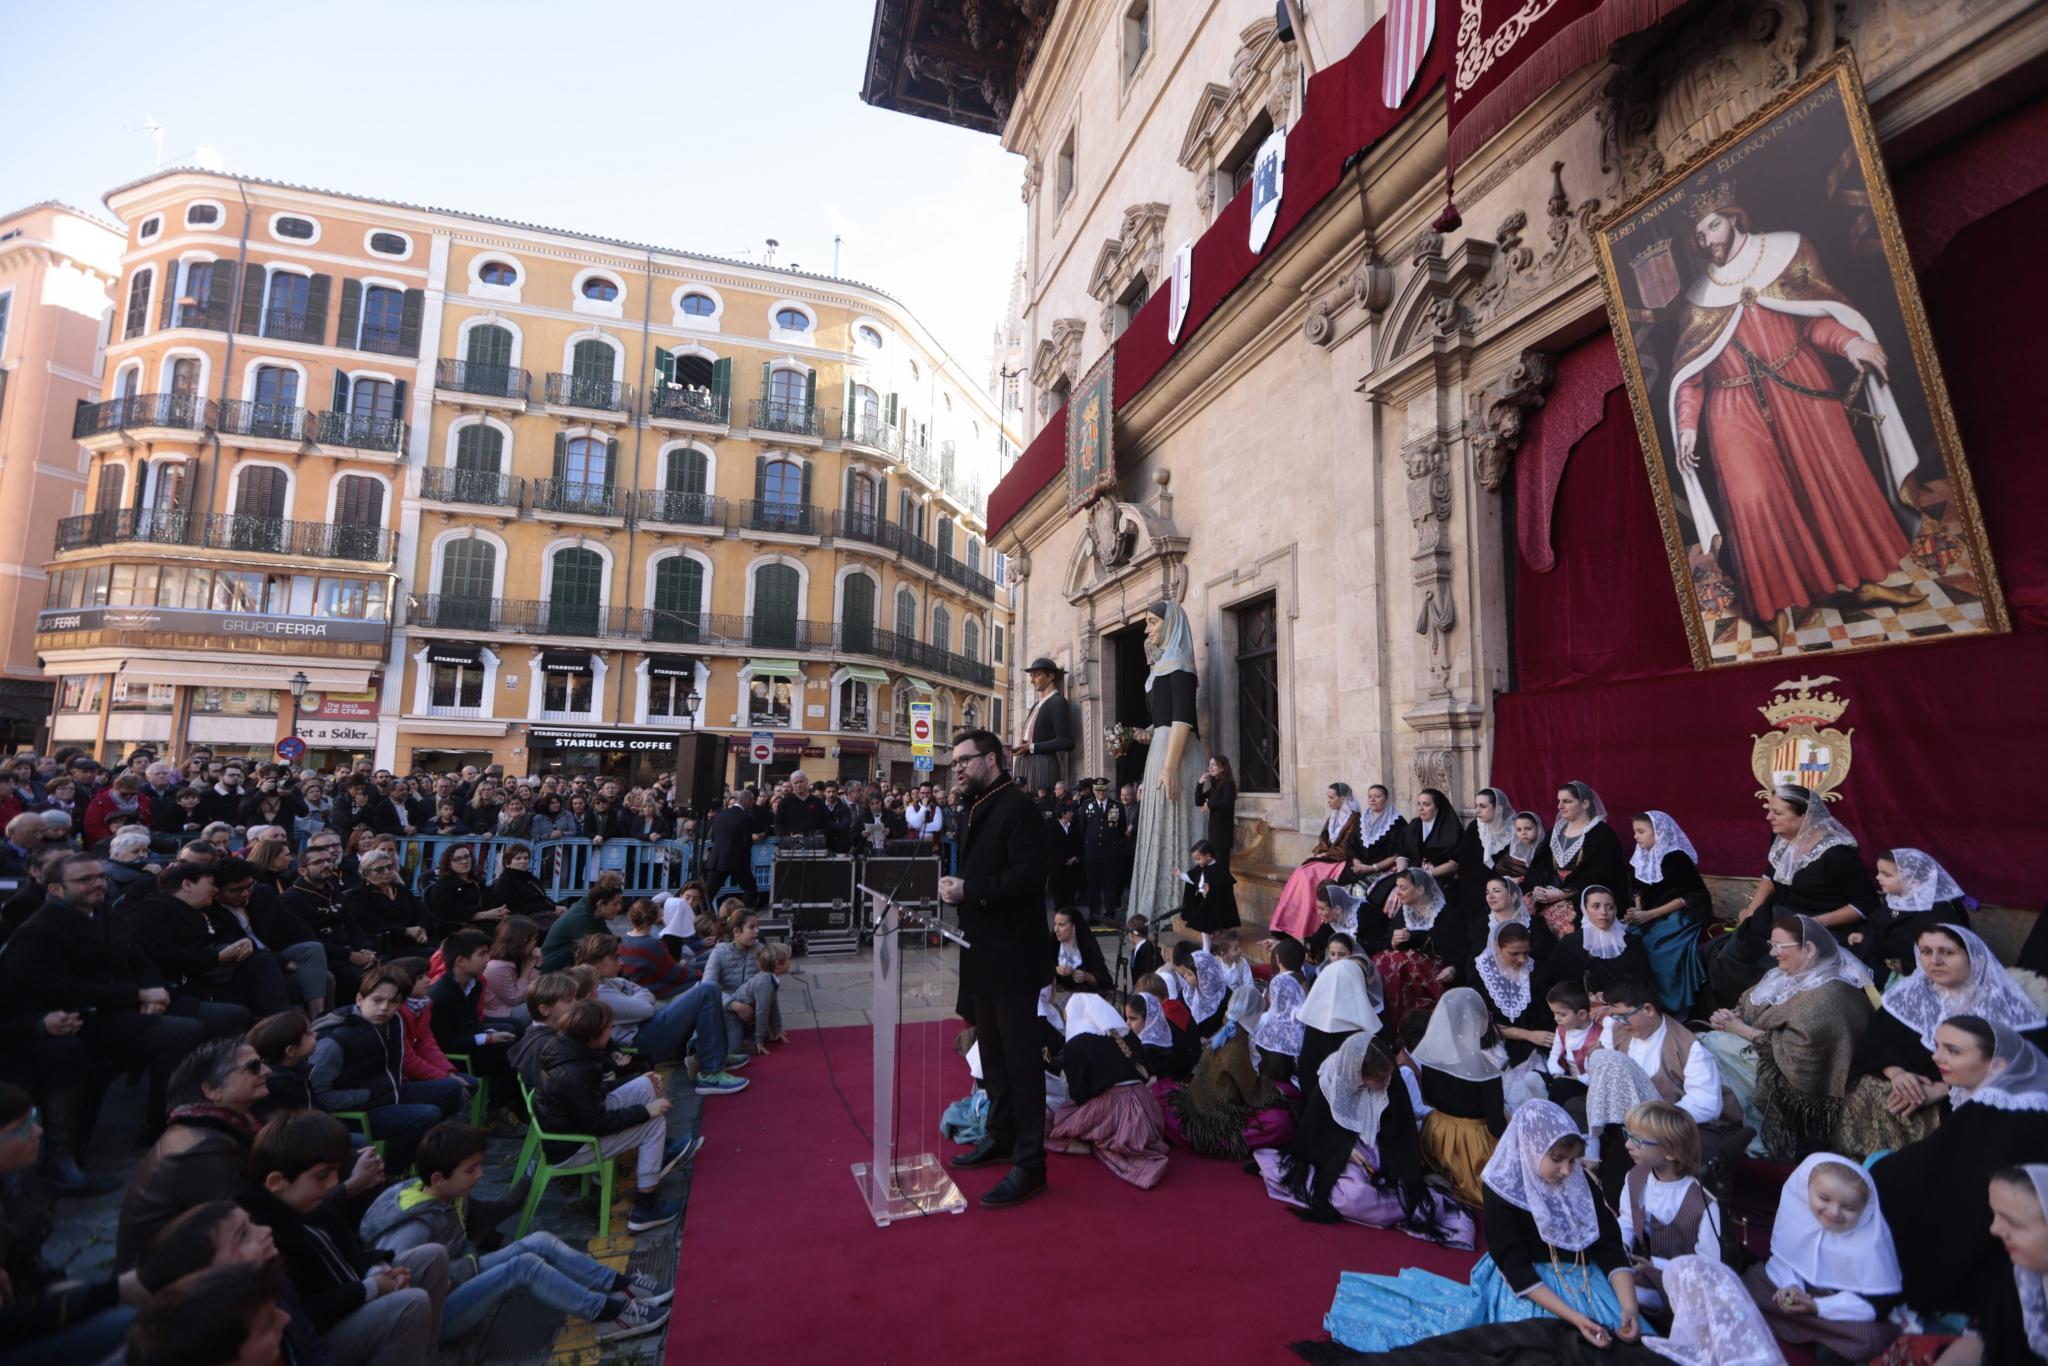 PALMA - FIESTAS POPULARES - CELEBRACION DE LA FESTA DE L'ESTENDARD. FOTO: BOTA